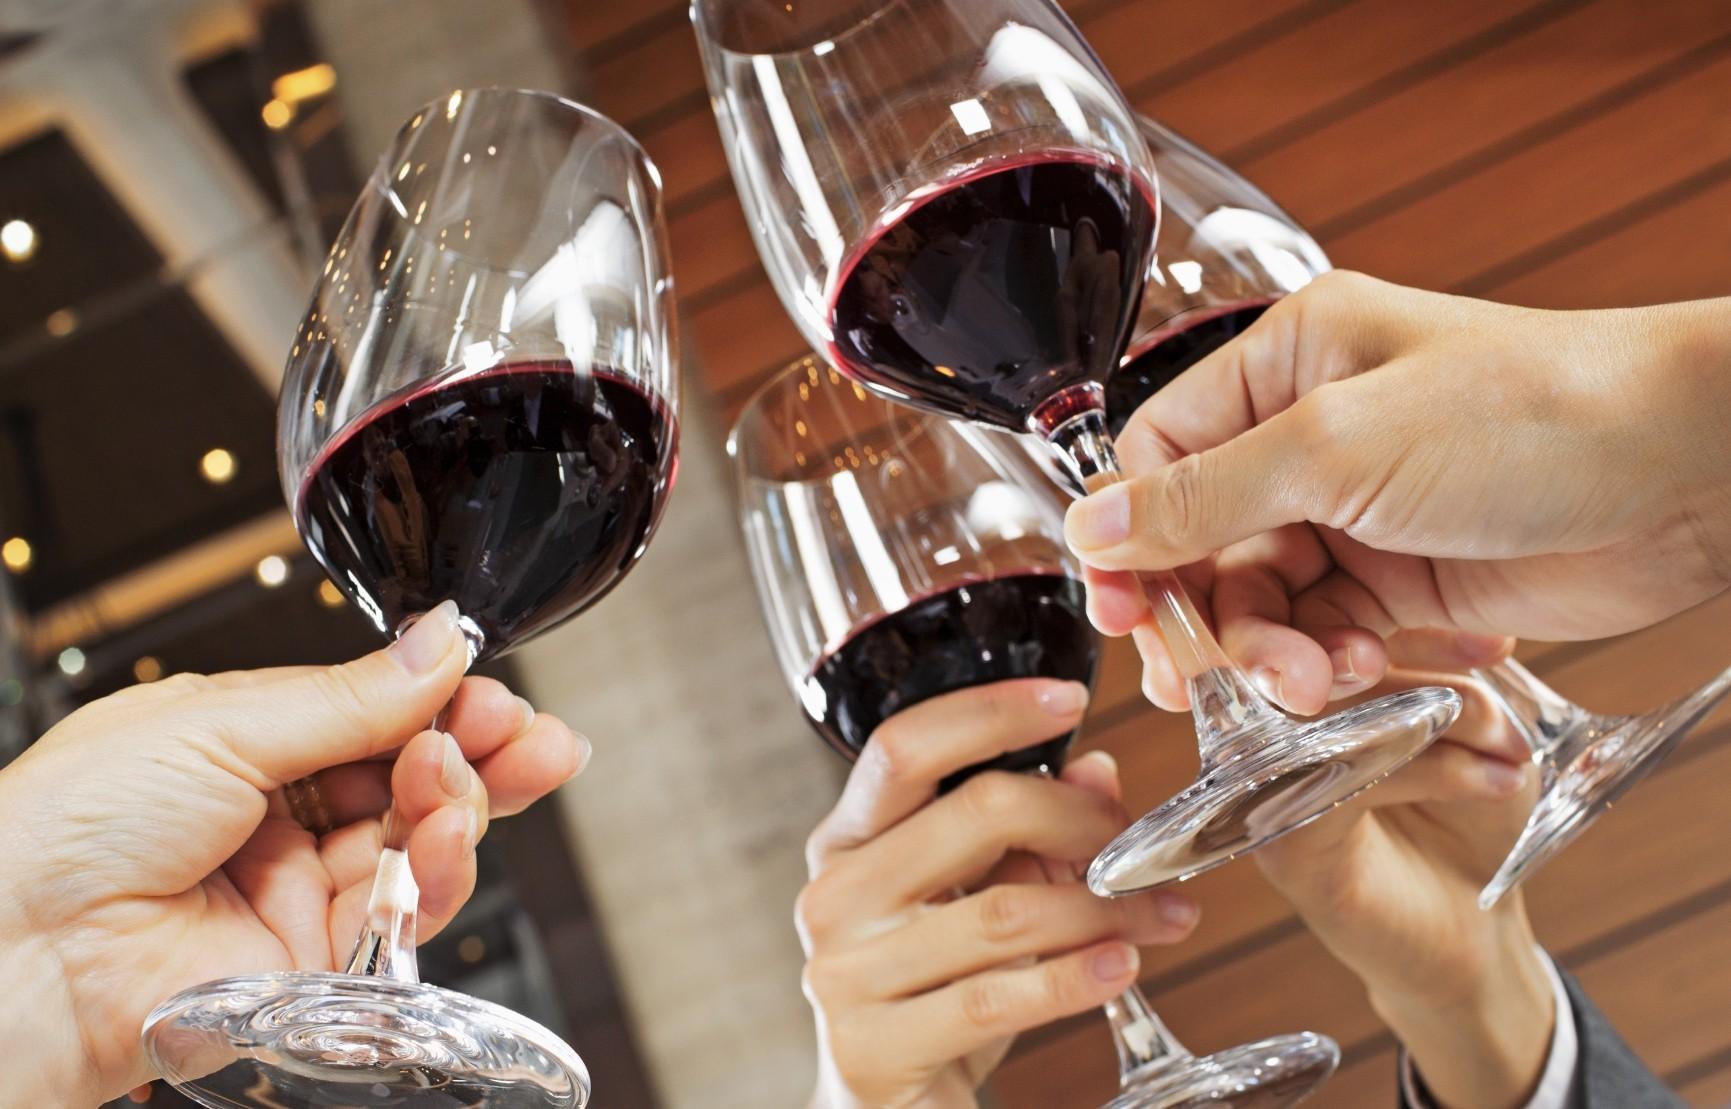 Ученые Алкоголь может сделать людей привлекательнее